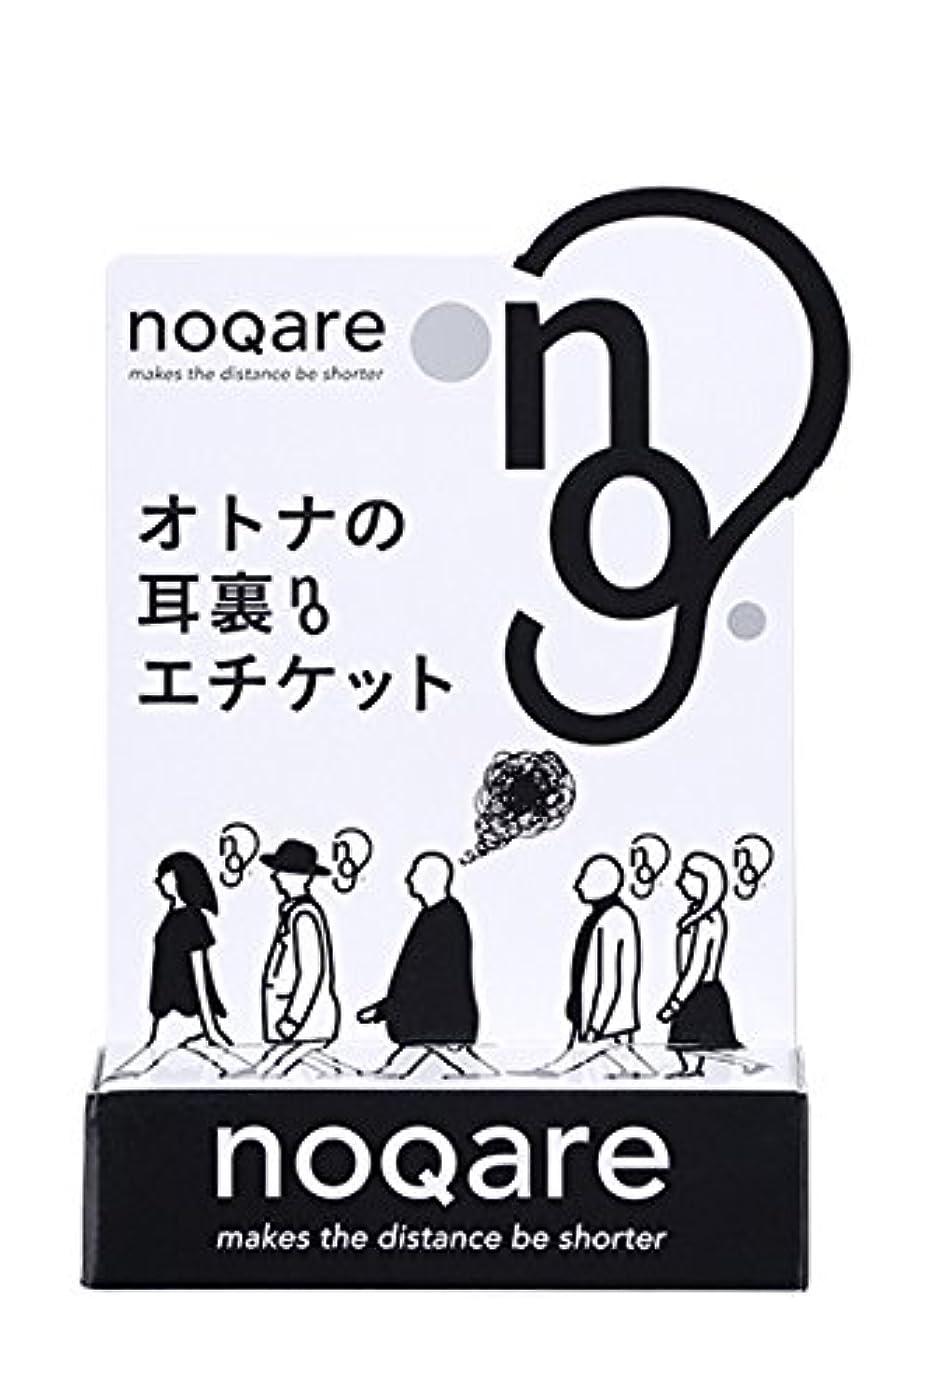 ネーピア呼吸上がるノカレ 耳裏用スポットバーム 無香料 5g